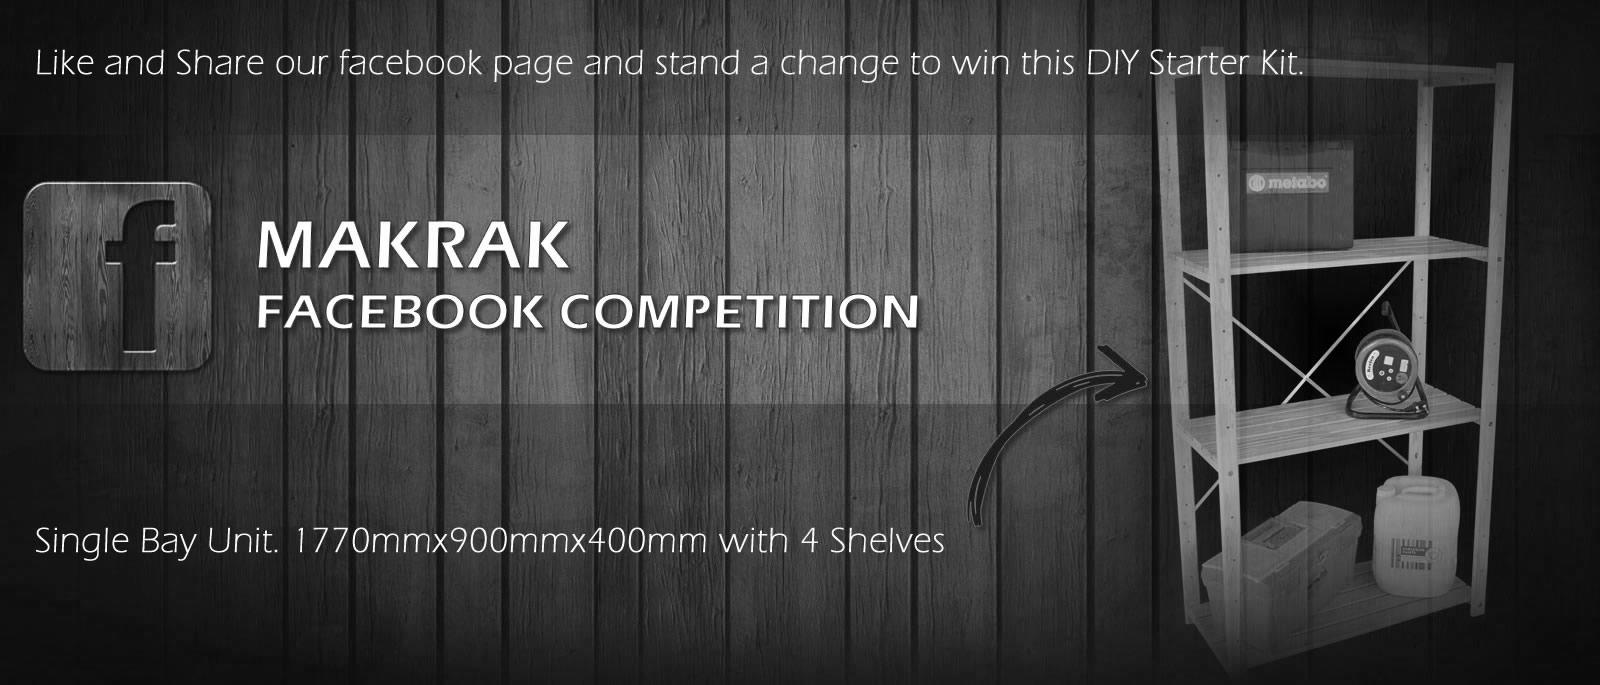 Facebook Competition – DIY Starter Kit